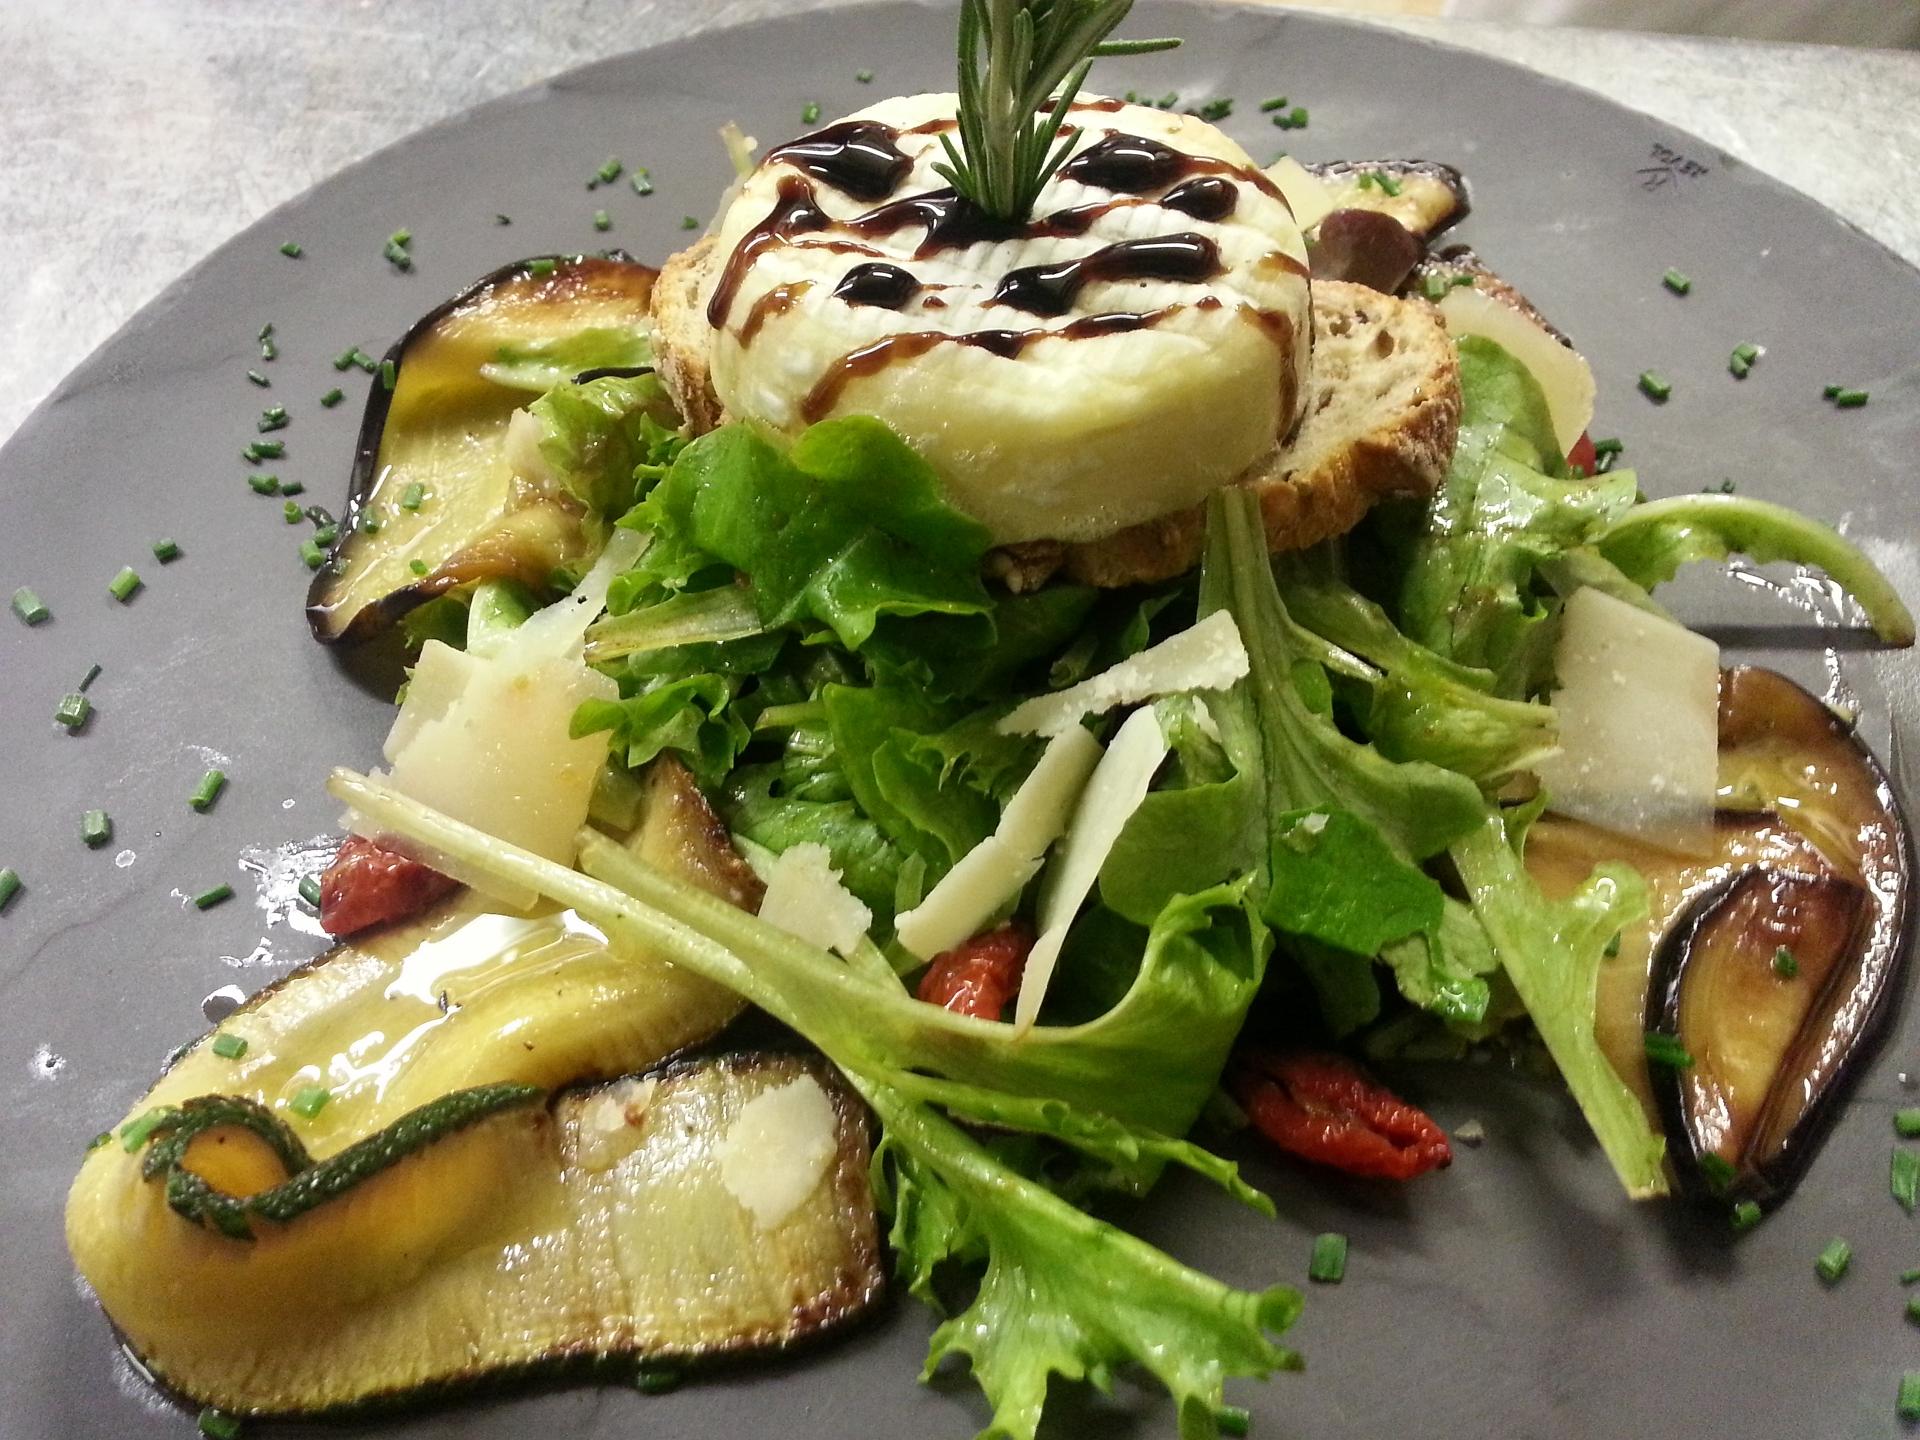 Restaurant cannes produits frais de saison bella storia